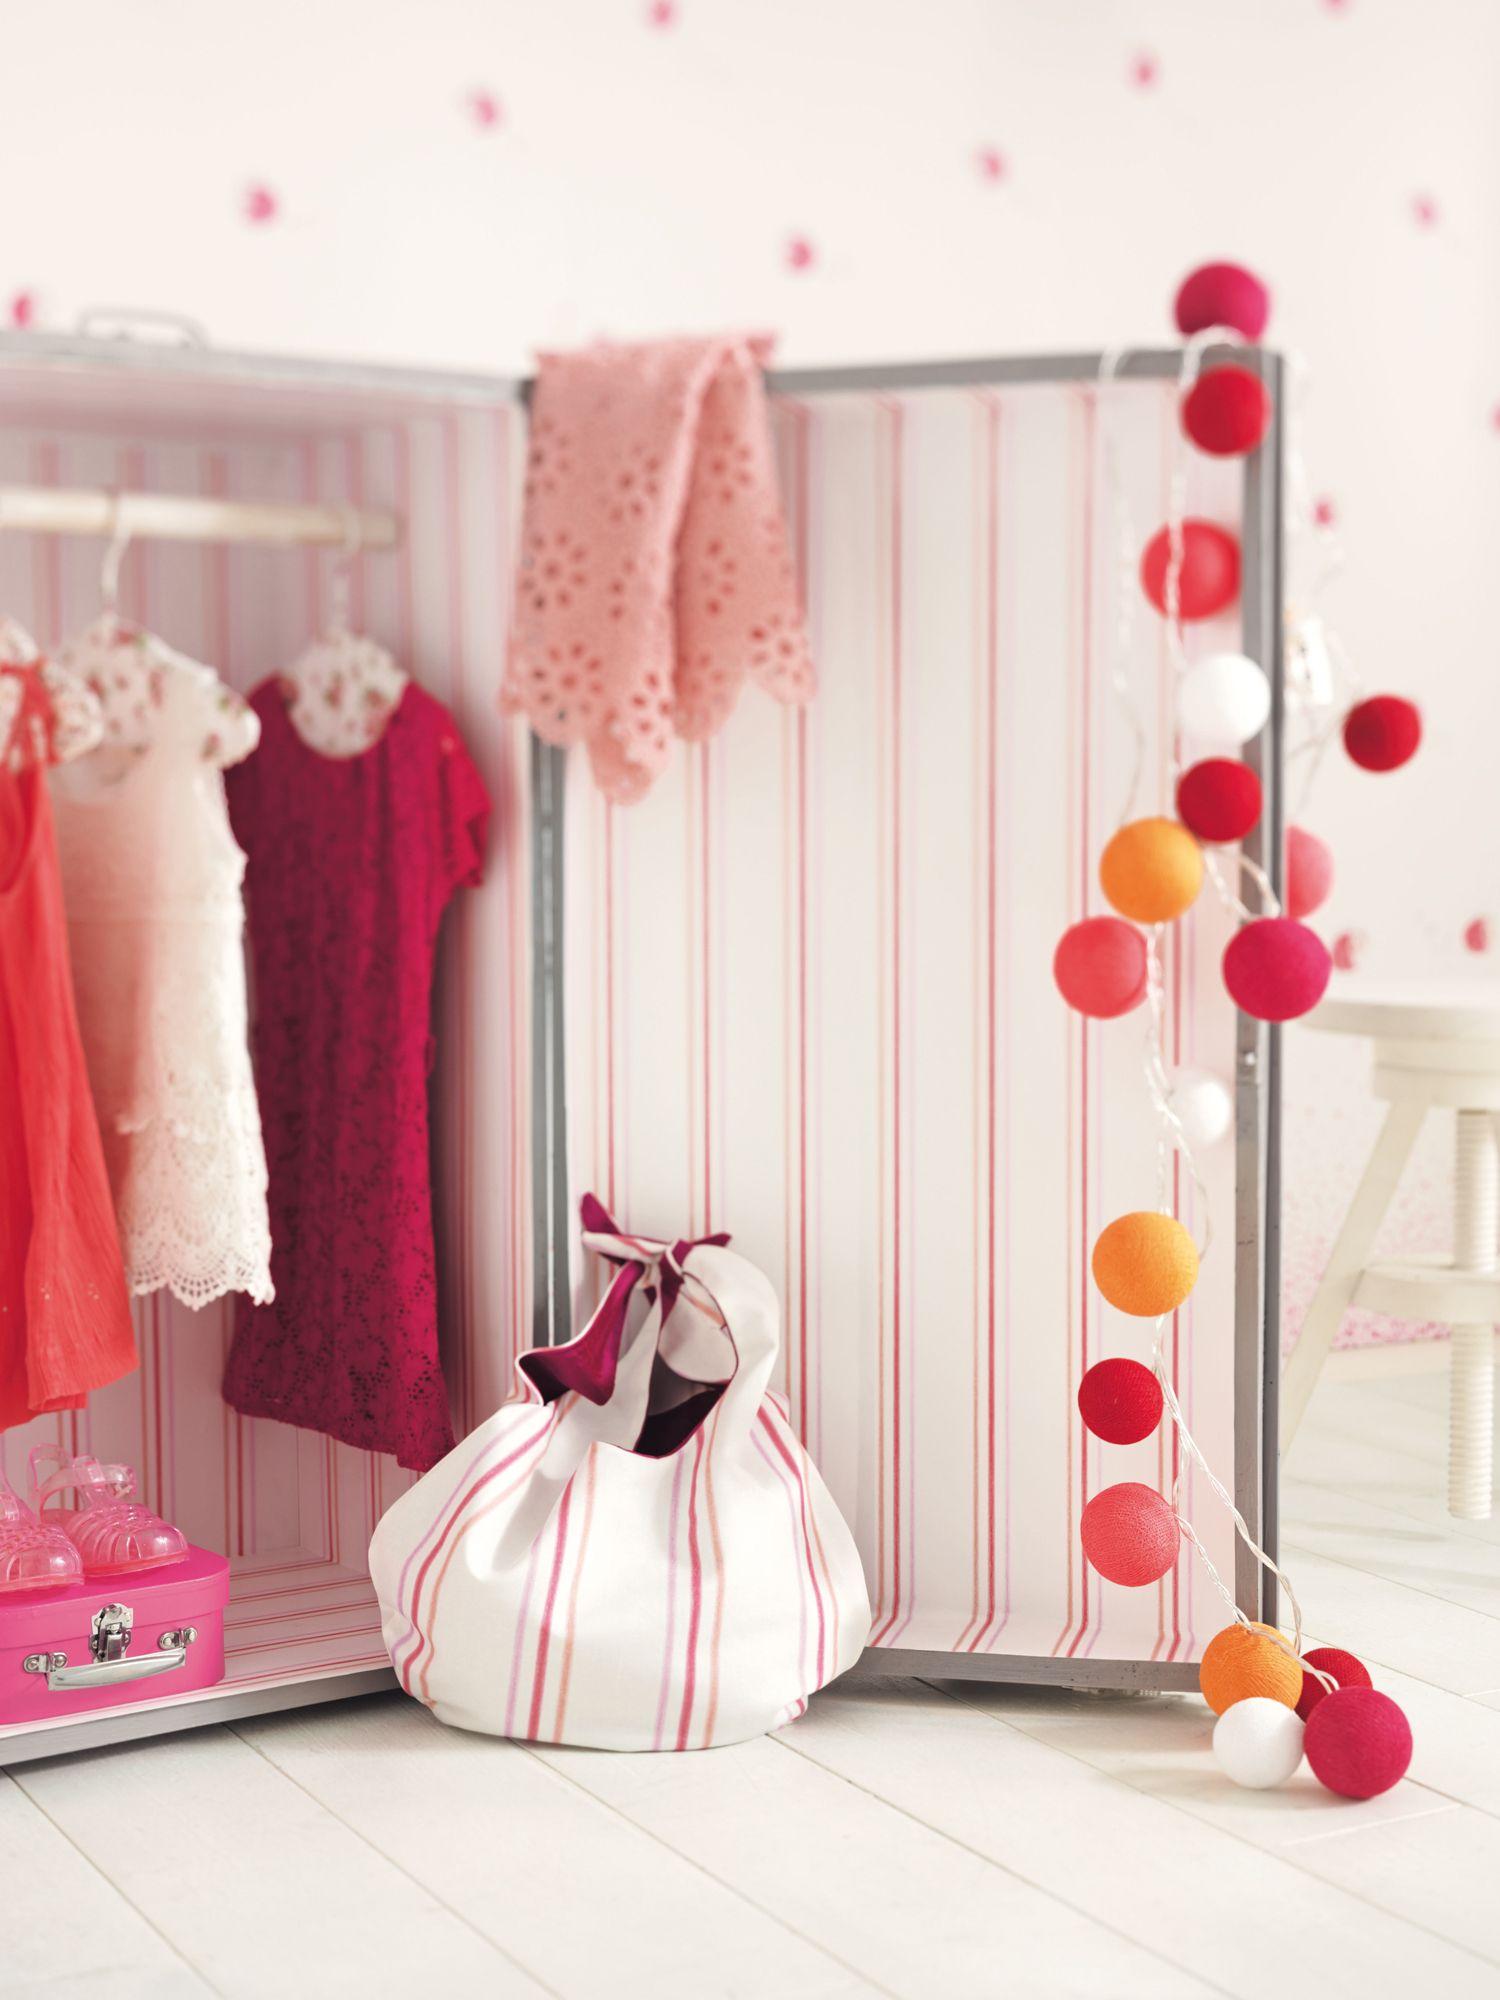 Collection ARC-EN-CIEL Wallpaper : Rêves, enfants, couleurs, luminaires, boules, rangement ...